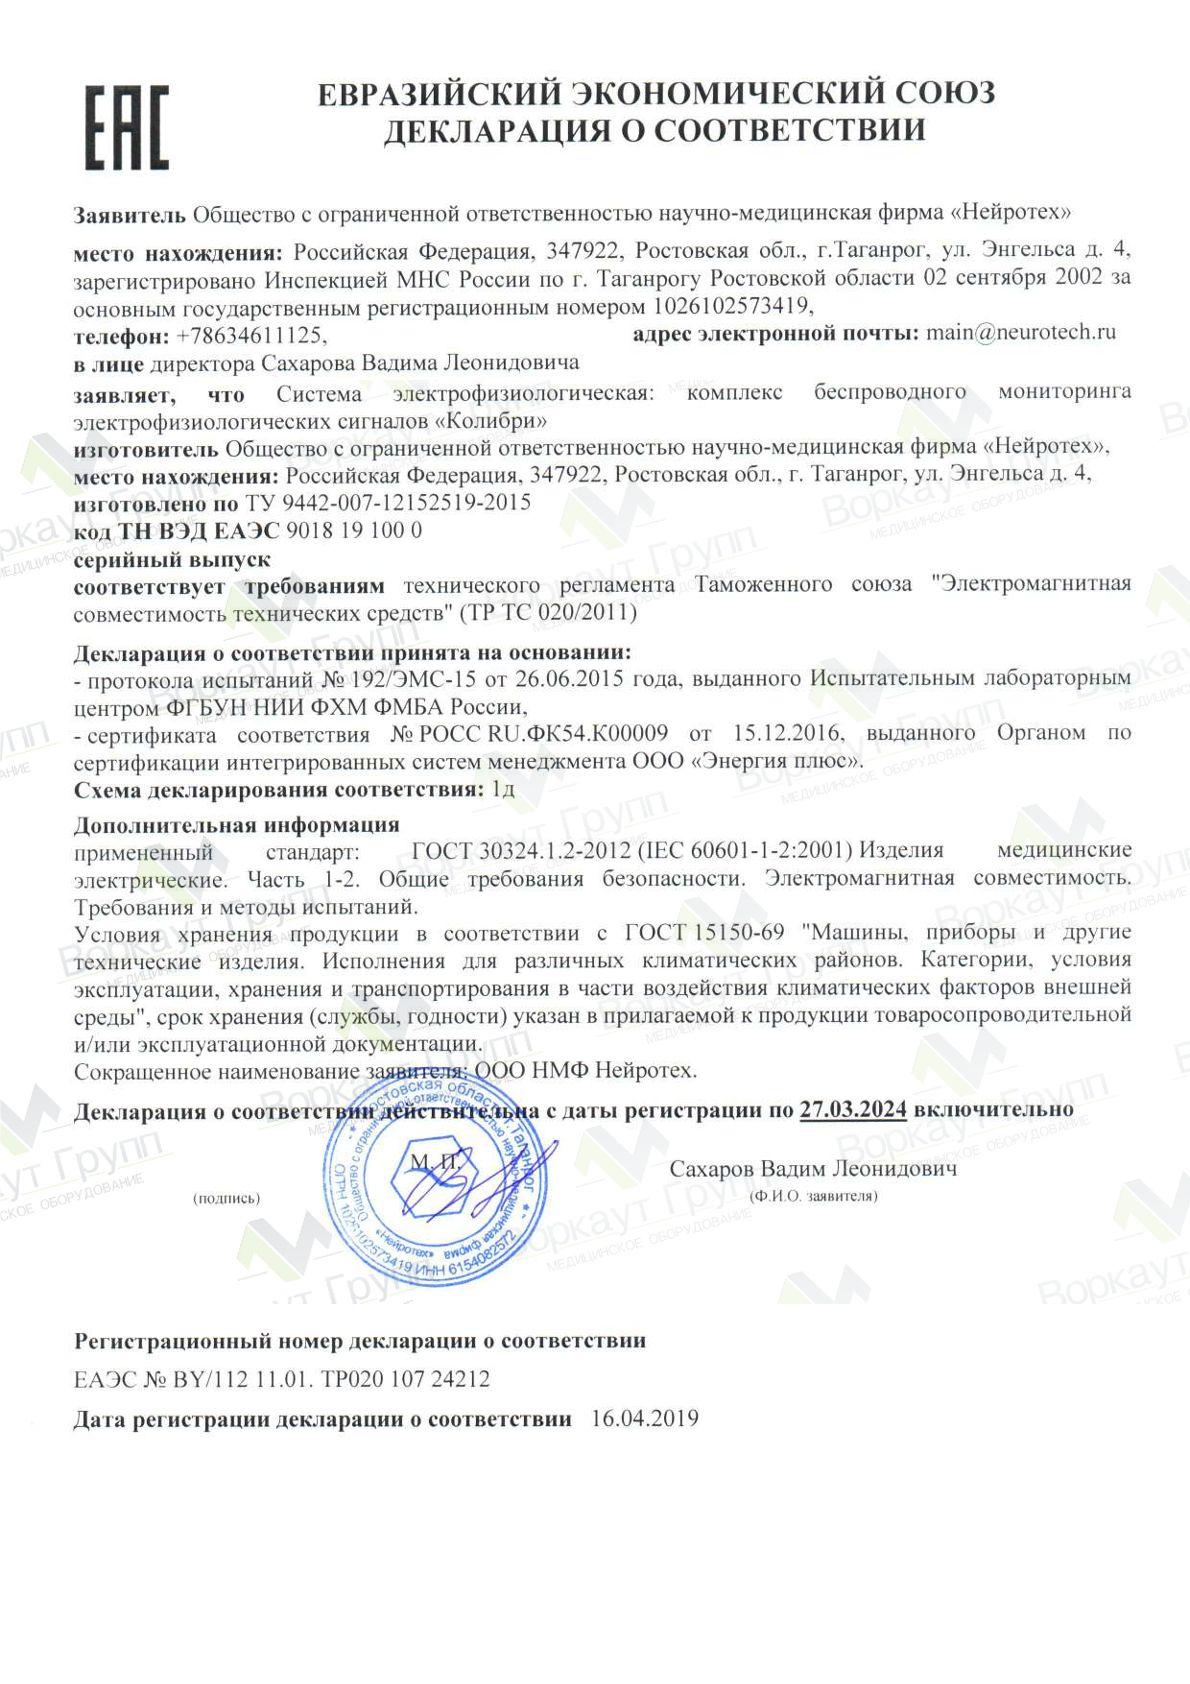 """Декларация Таможенного союза EAC Системы беспроводного мониторинга """"Колибри"""" (комплексная)"""